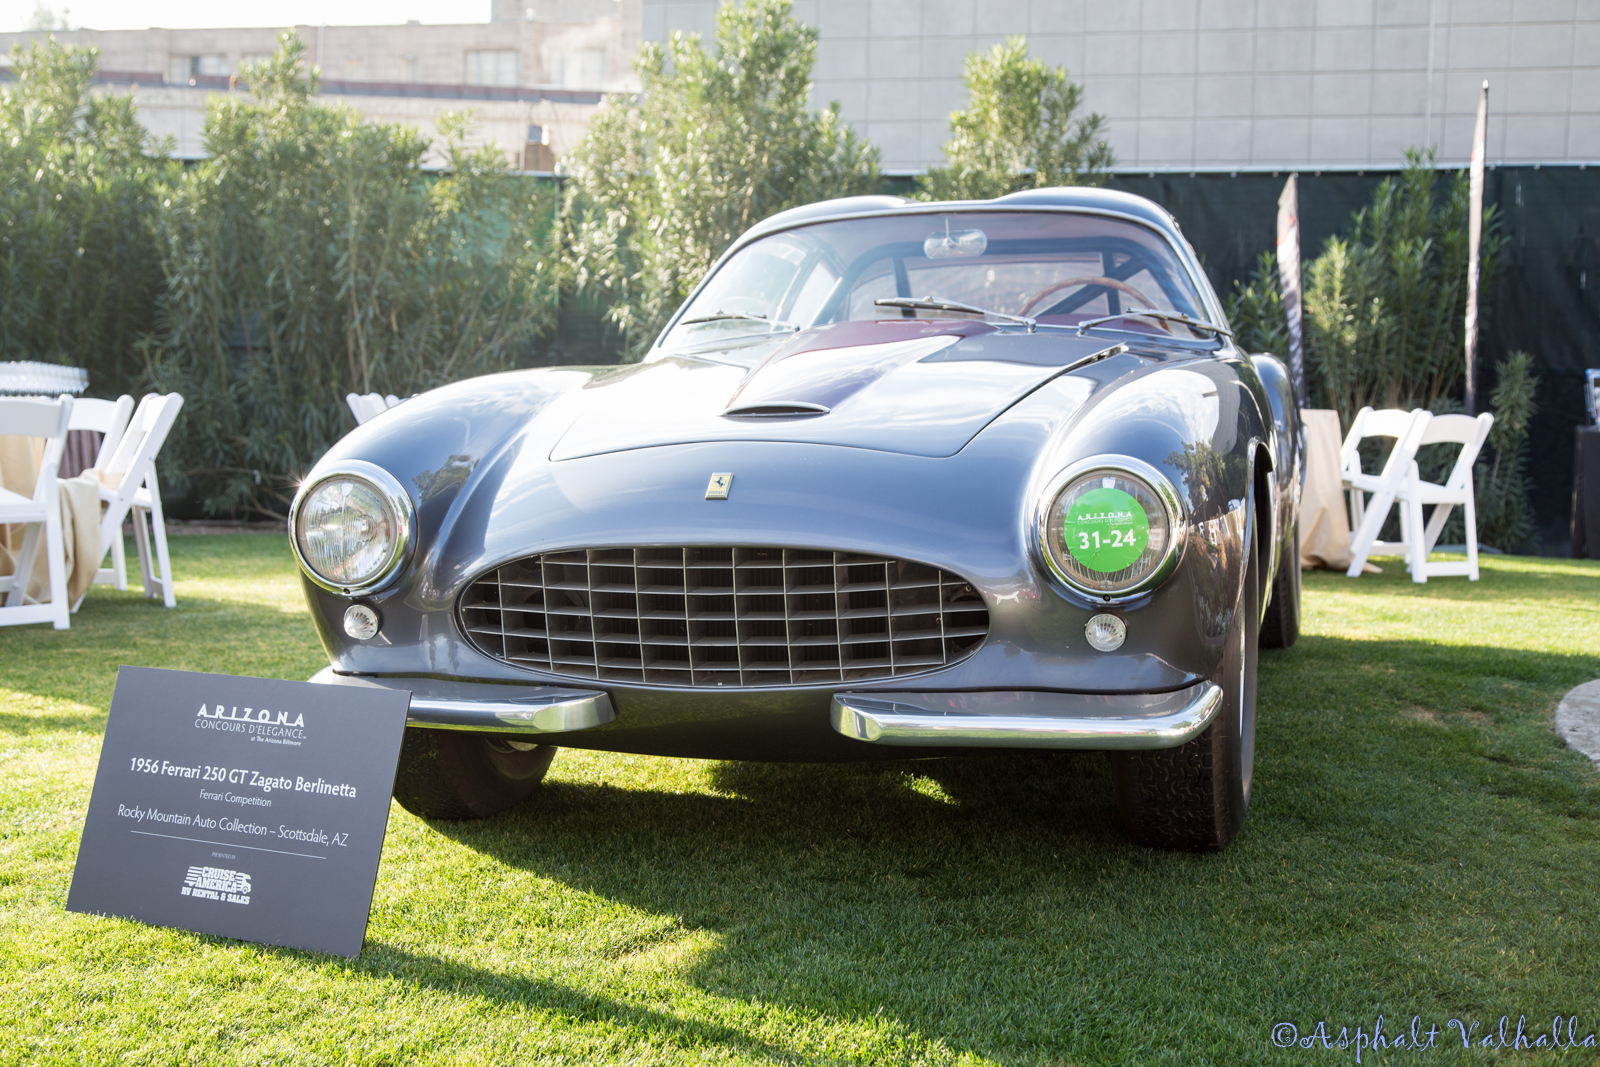 1956-Ferrari-275-GT-Zagato-Berlinetta-Concours.jpg